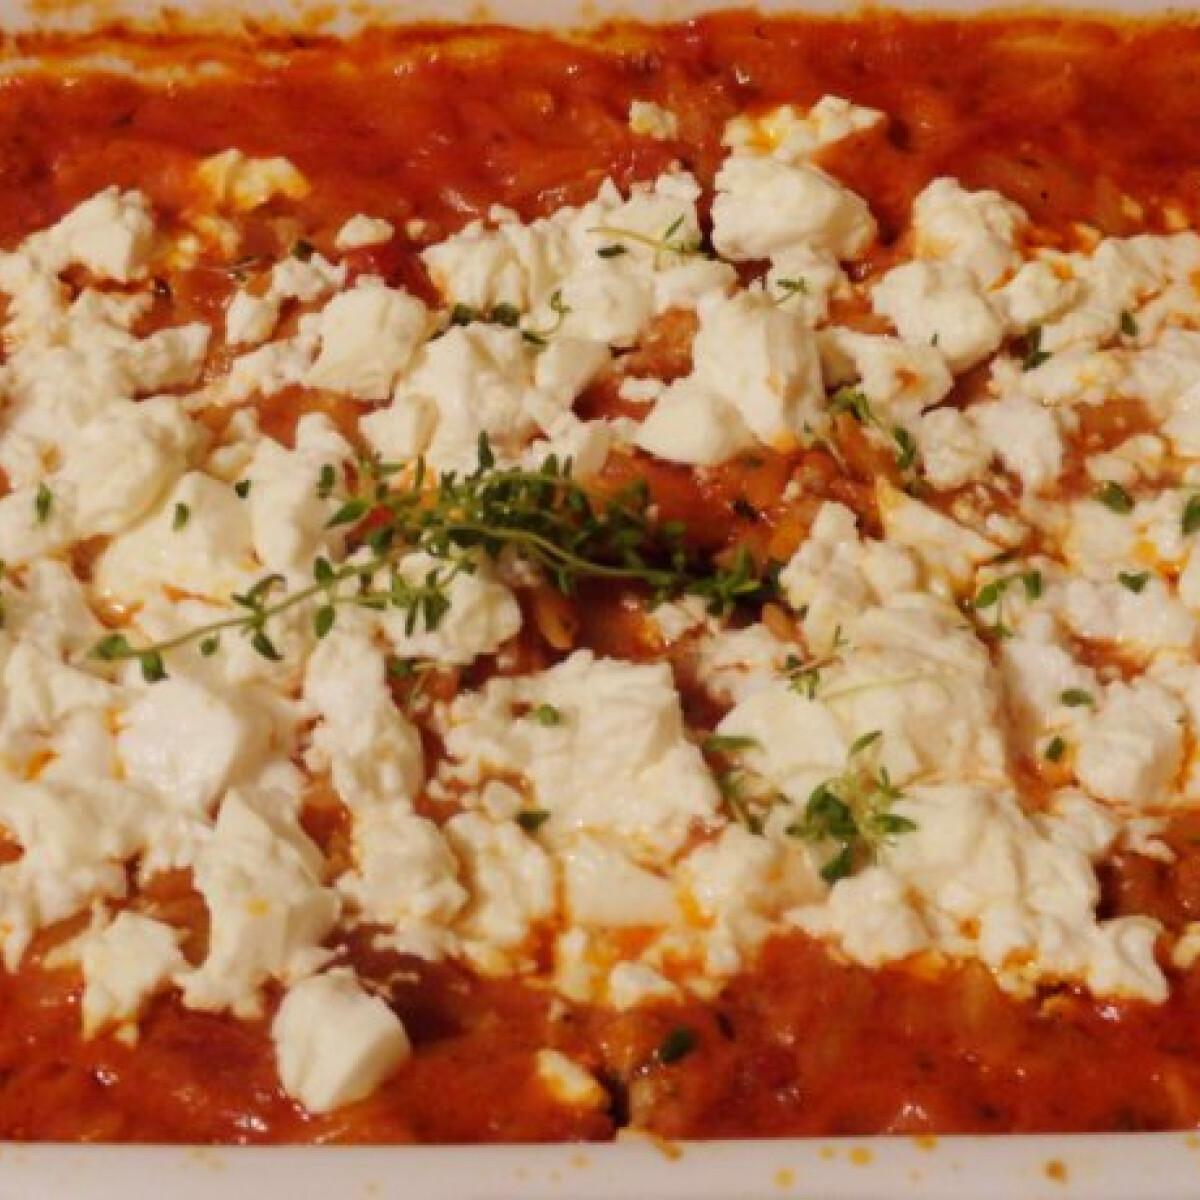 Ezen a képen: Görög darált húsos tészta fetával